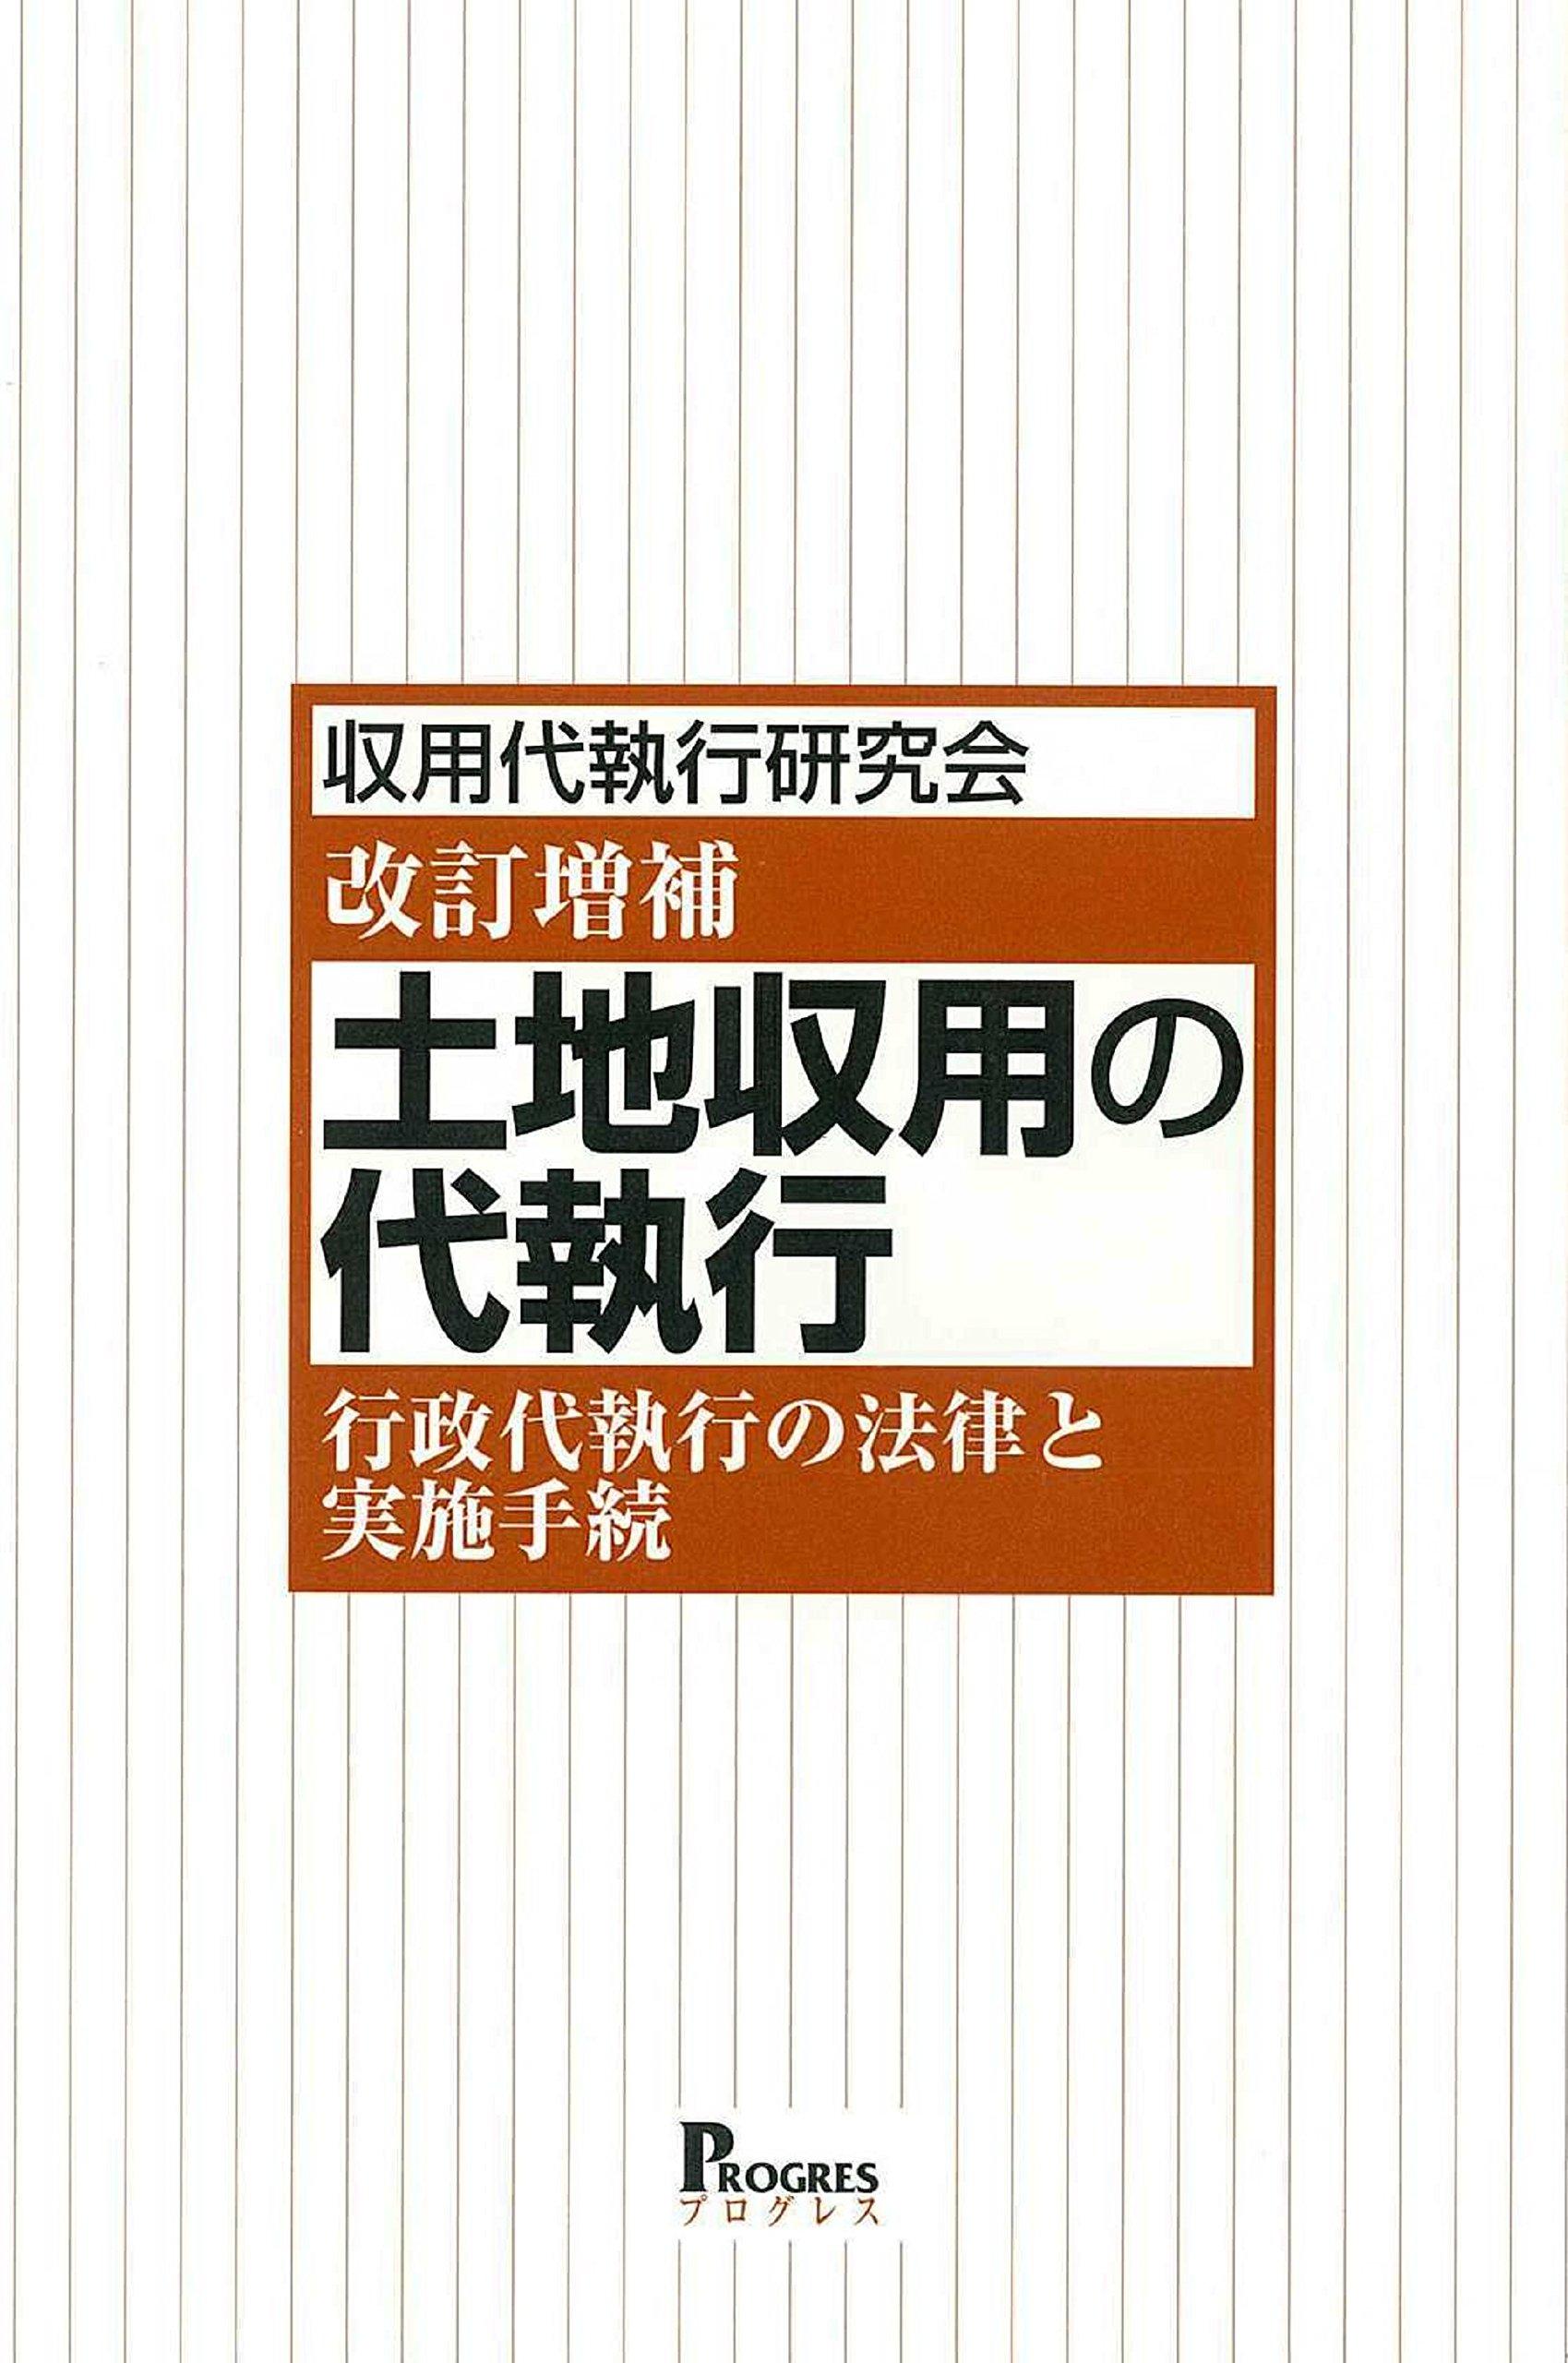 Tochi shūyō no daishikkō : gyōsei daishikkō no hōritsu to jisshi tetsuzuki pdf